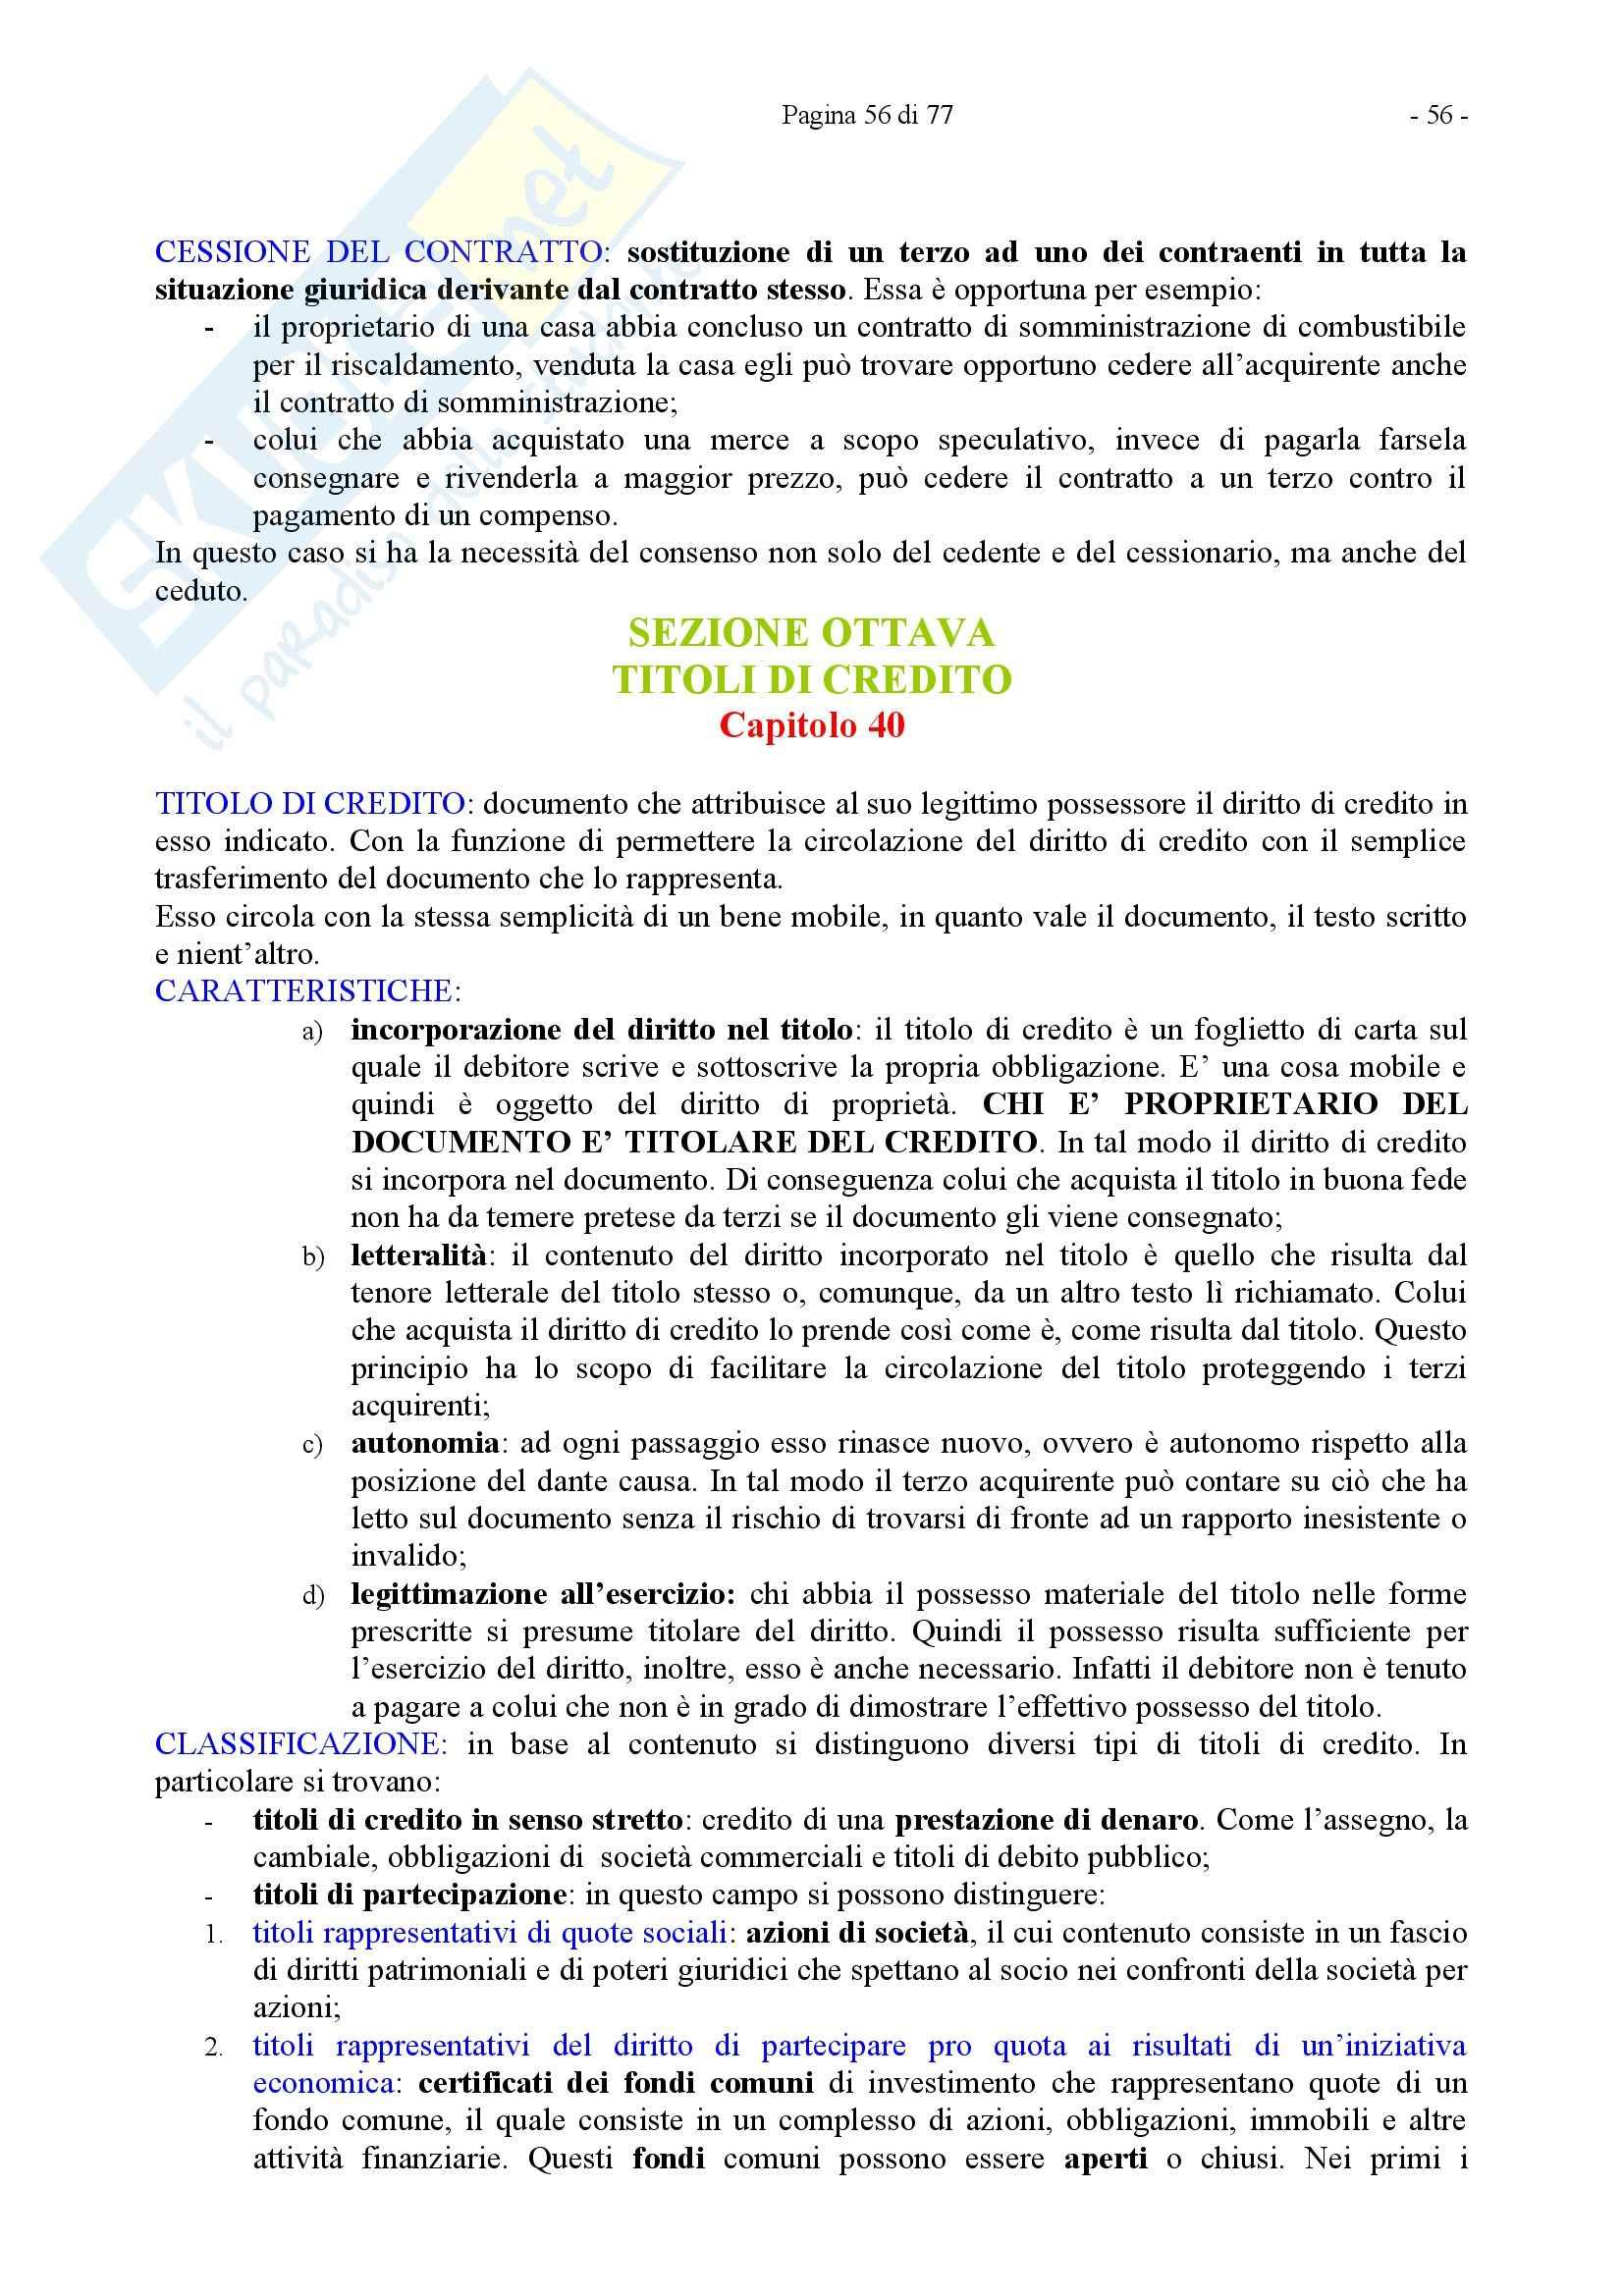 Riassunto esame Diritto Privato, prof. Caricato, libro consigliato Diritto Privato, Trimarchi Pag. 56